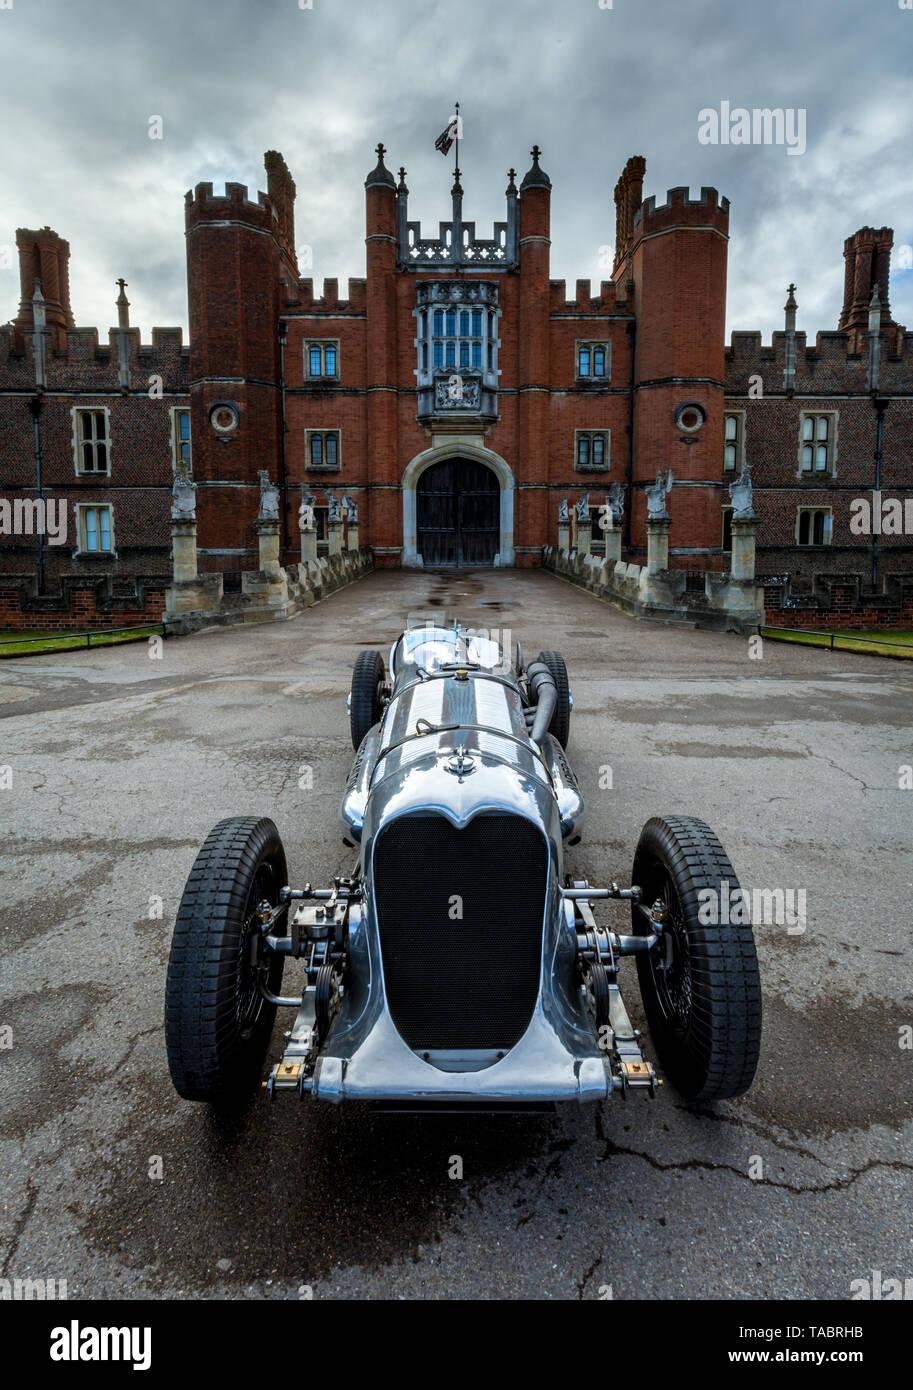 Napier Railton racing car at Hampton Court Palace Stock Photo